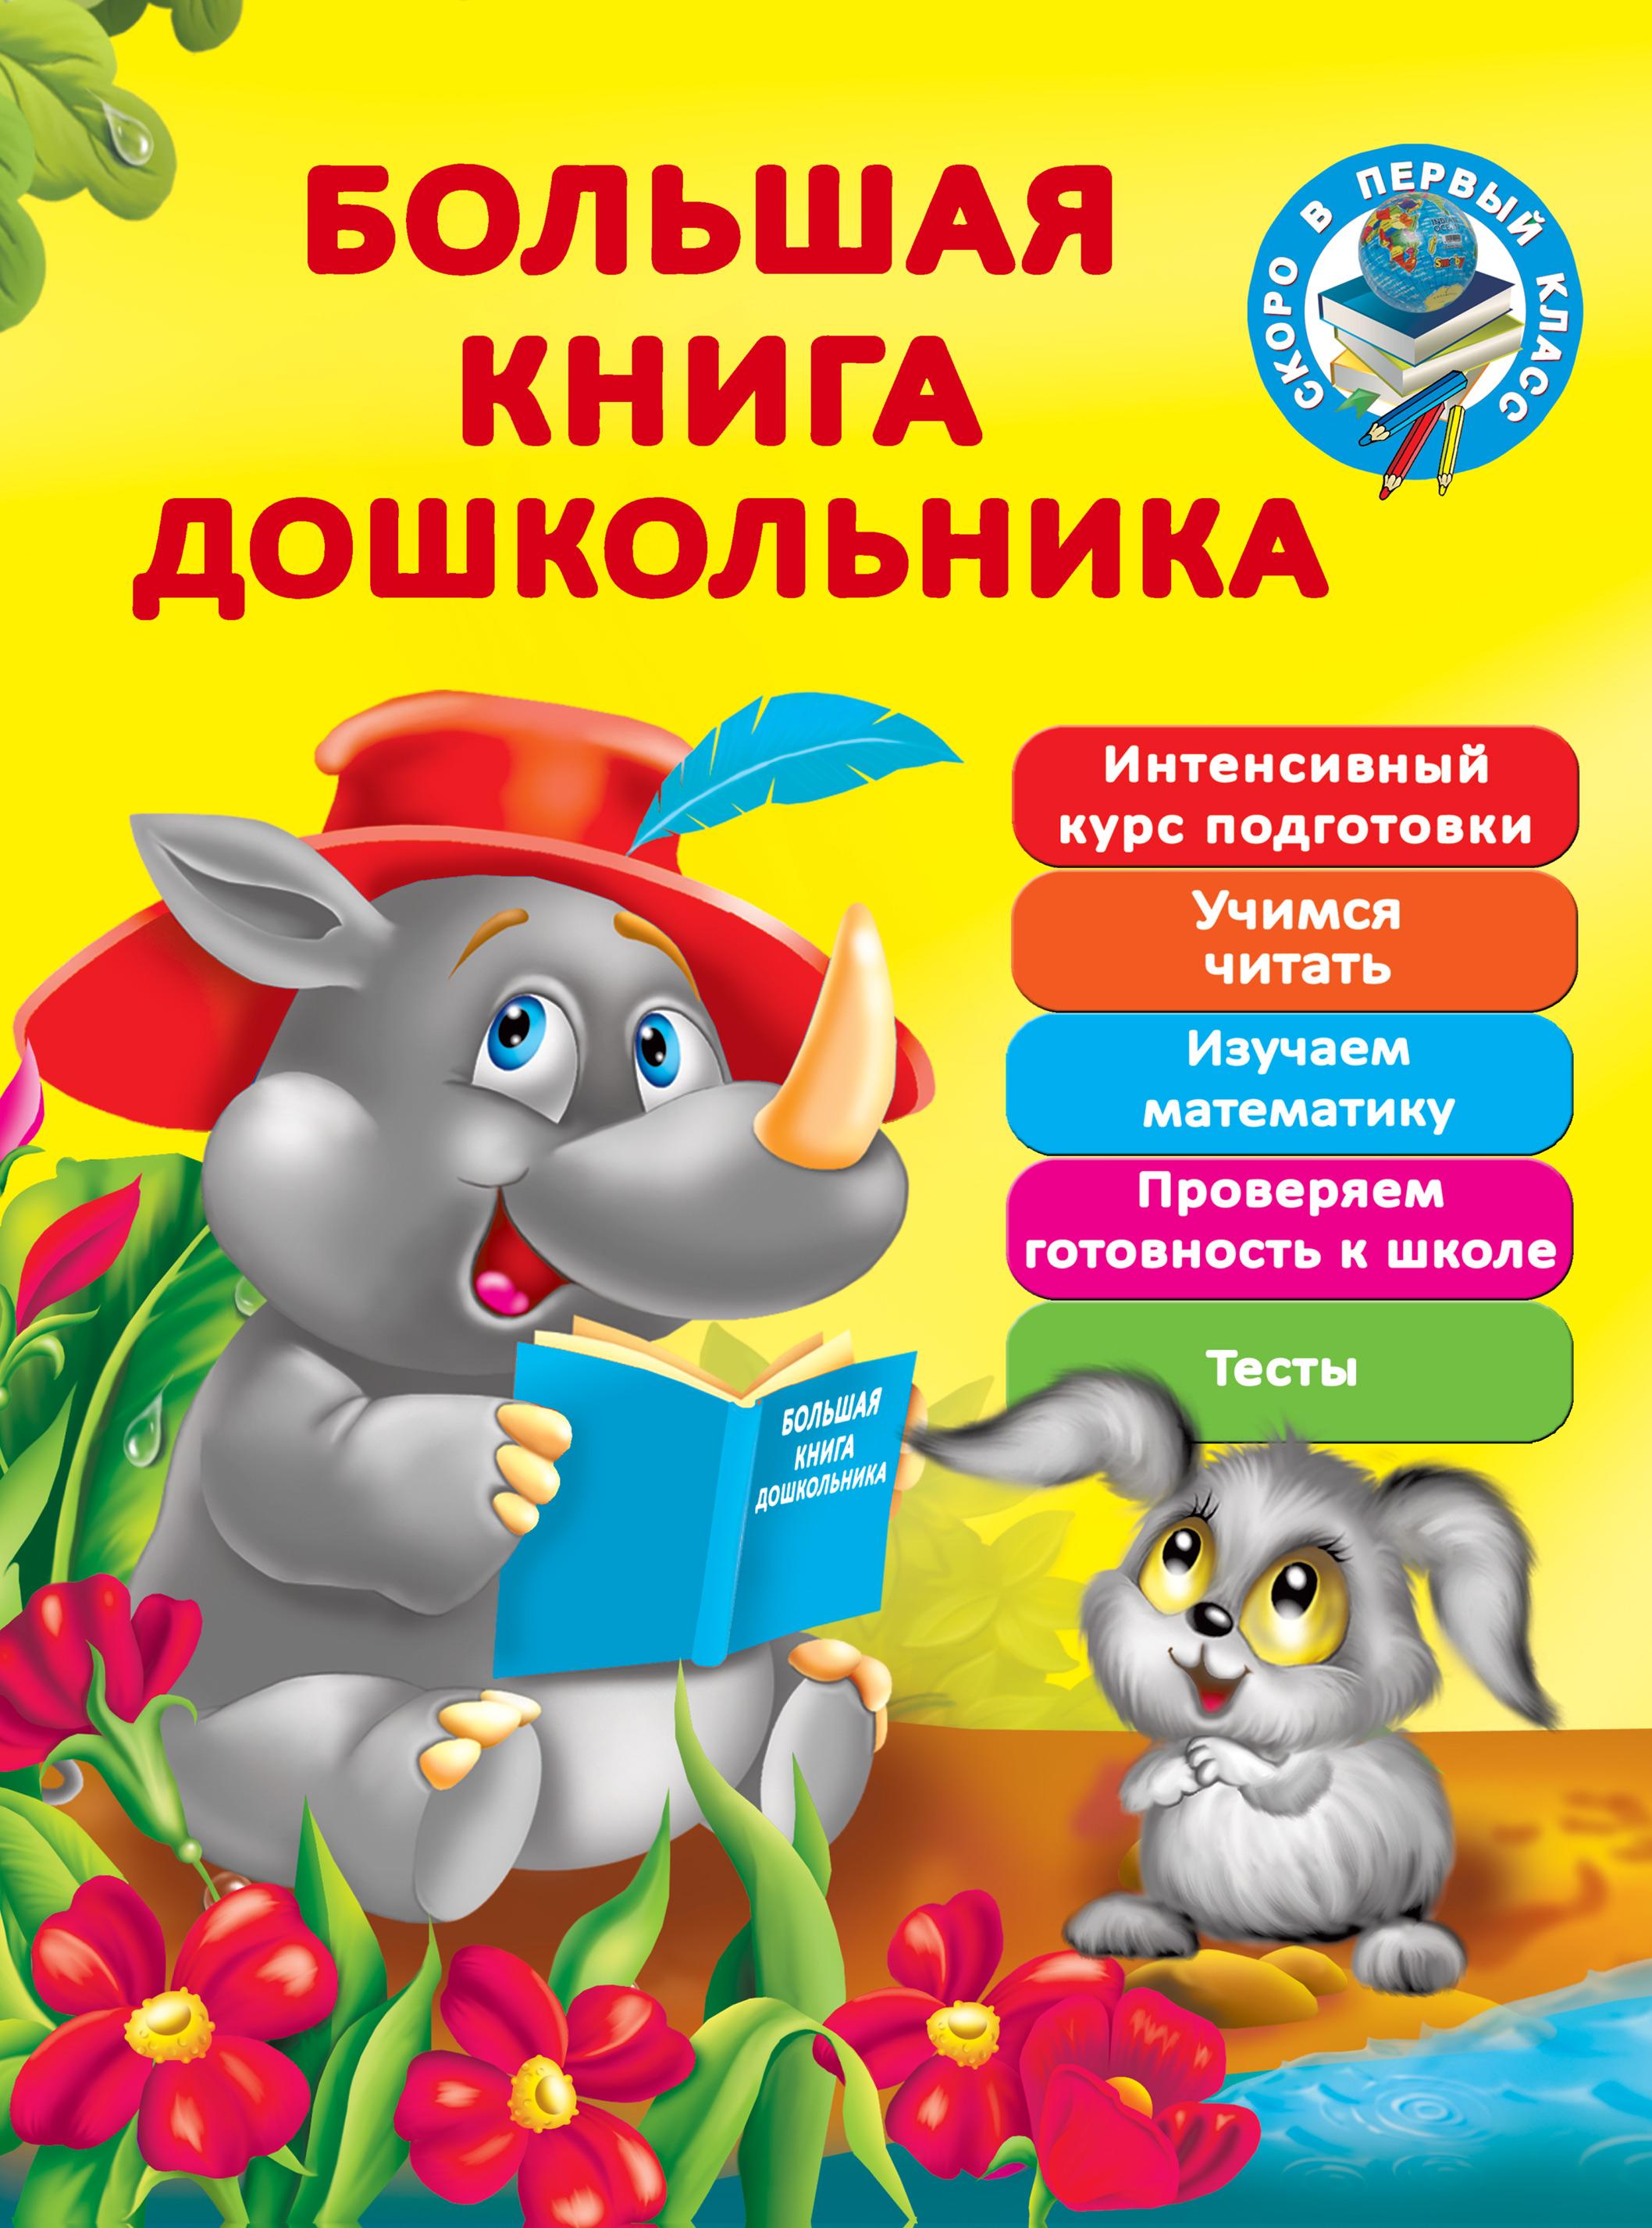 В. Г. Дмитриева Большая книга дошкольника дмитриева в большая книга подготовки к школе